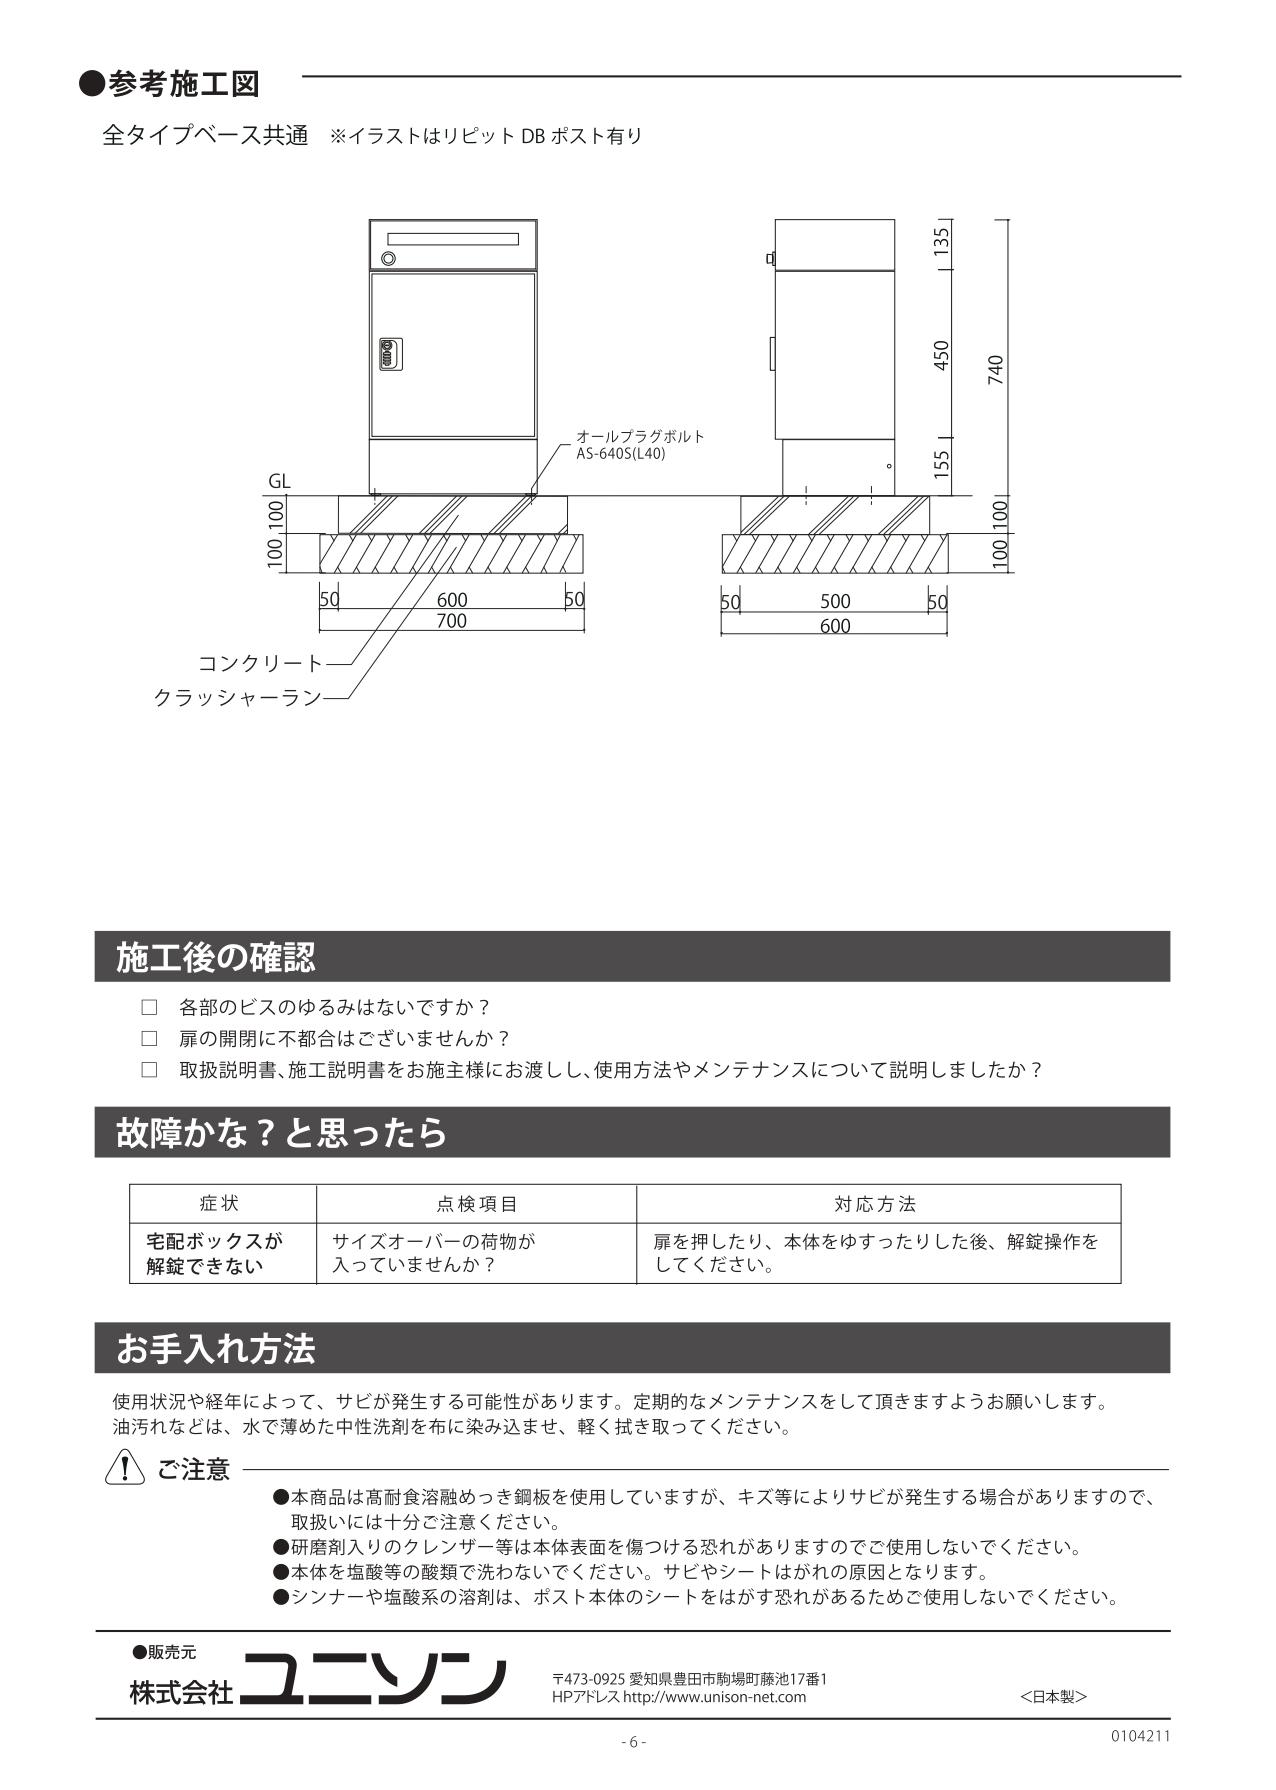 リピットDB_取扱説明書_page-0015